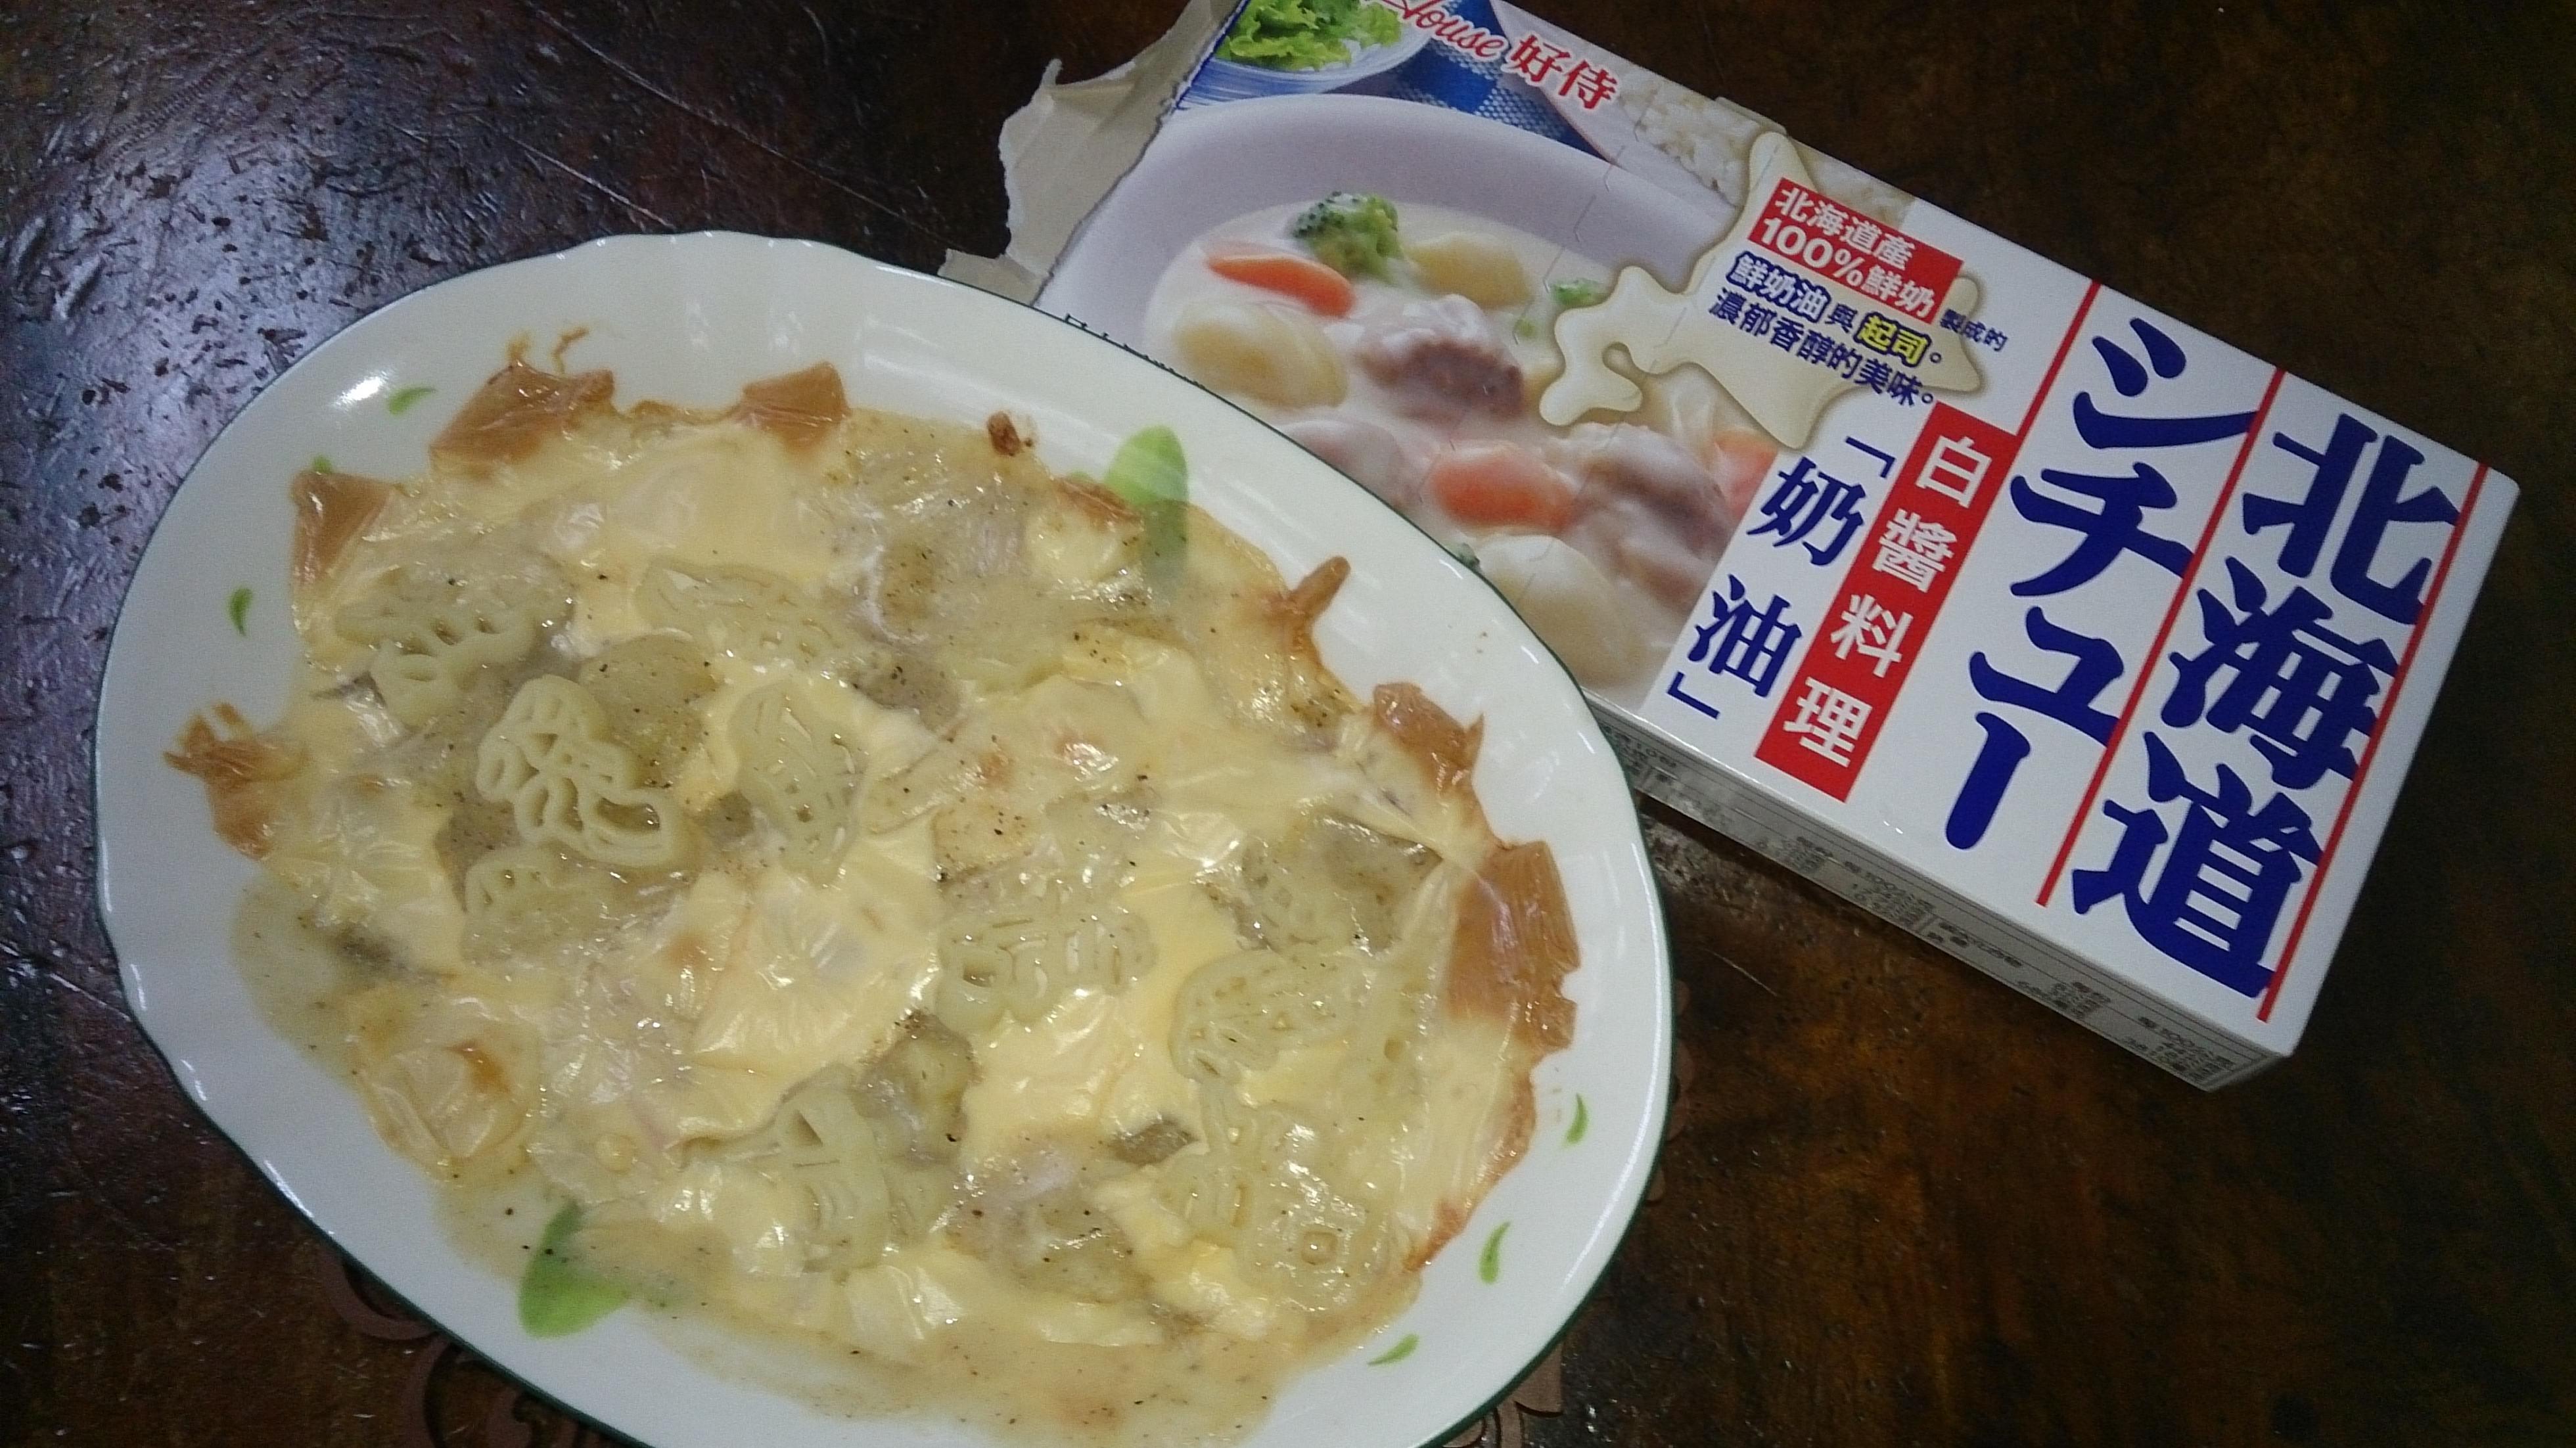 白醬起司義大利麵【全聯快炒包料理】